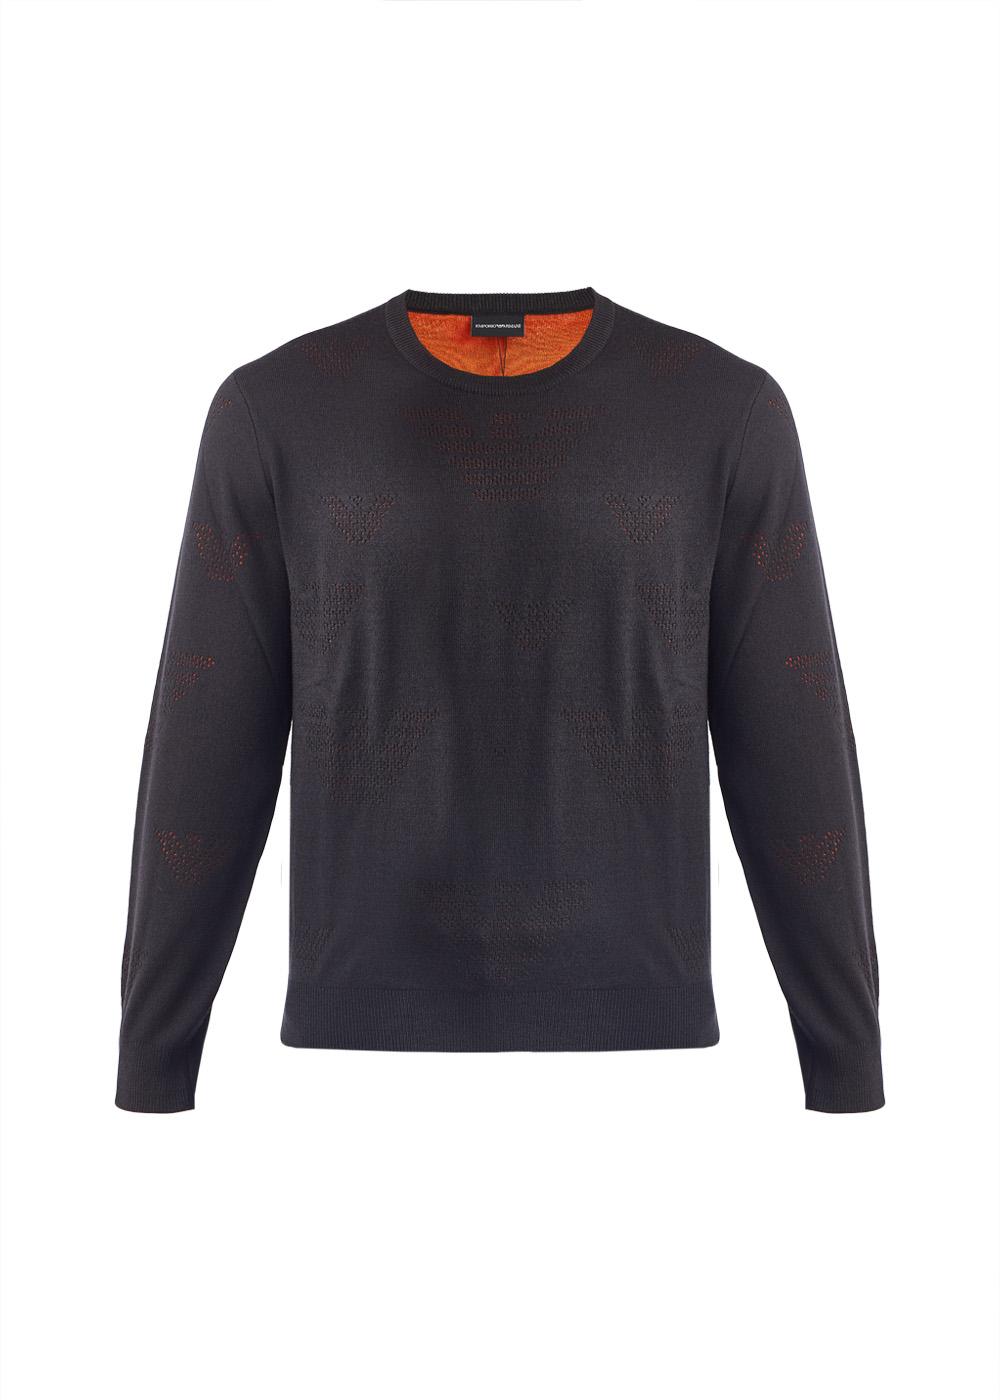 Купить Emporio Armani пуловер